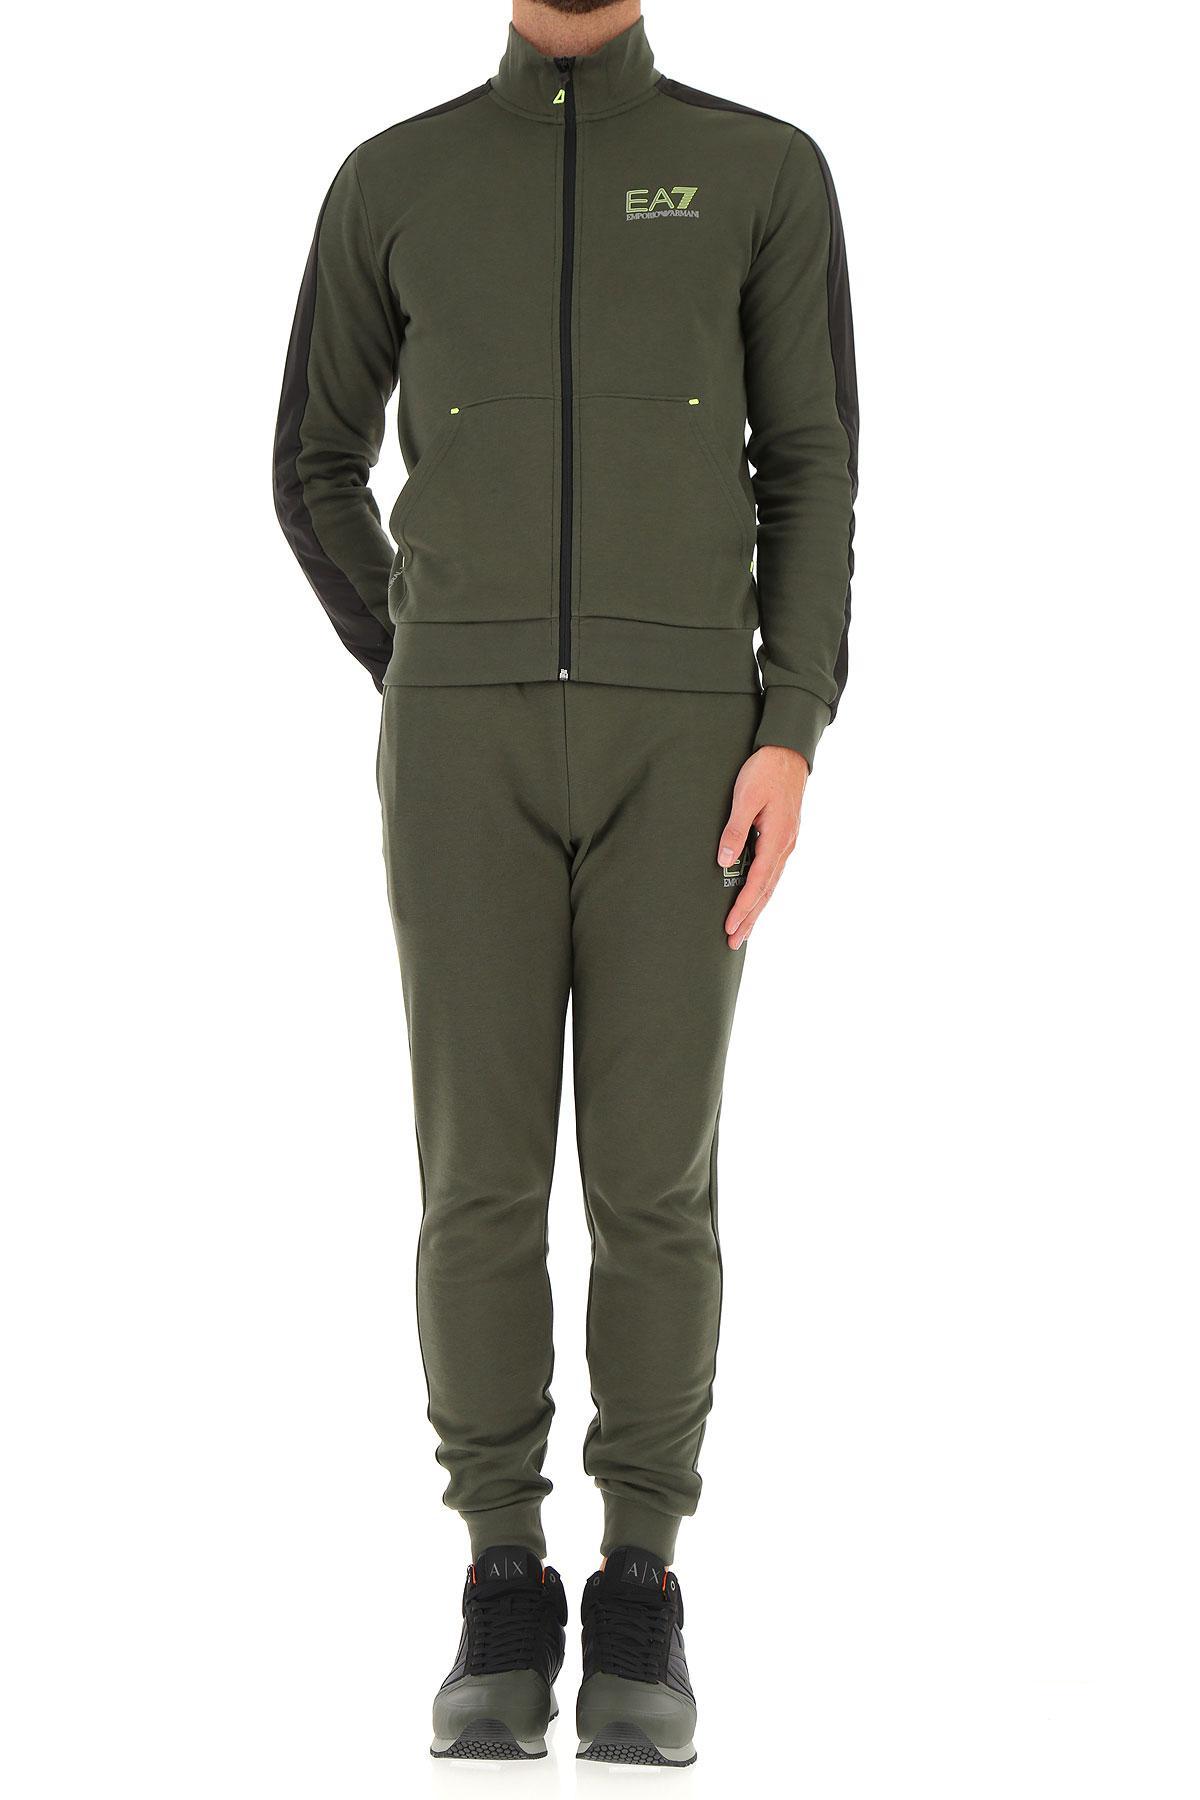 145b7065cfb667 Lyst - Vêtement Homme pour entraînement de Gym et Jogging Pas cher ...